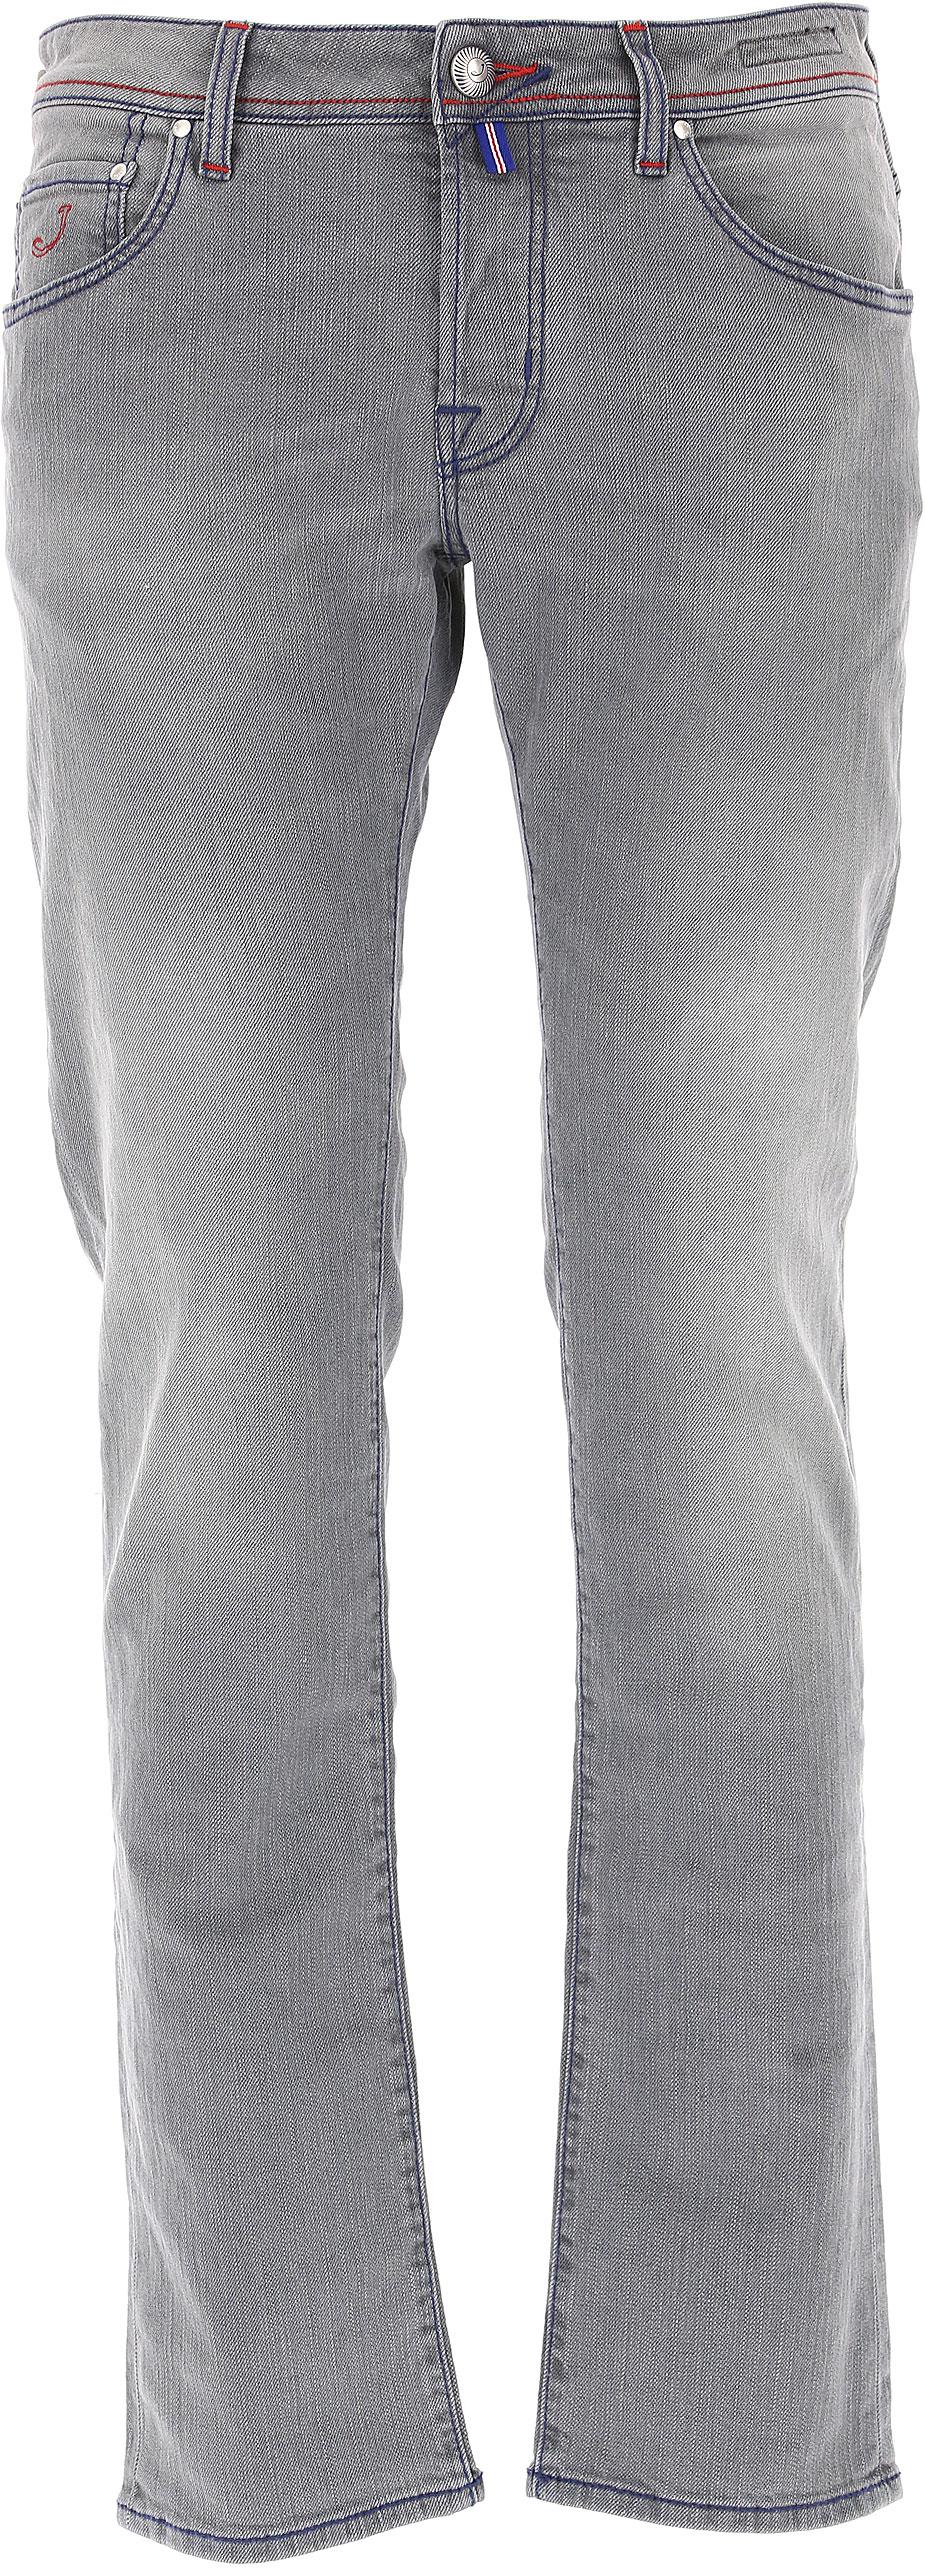 Abbigliamento Uomo Jacob Cohen, Codice Articolo: j622-00987w2-4901